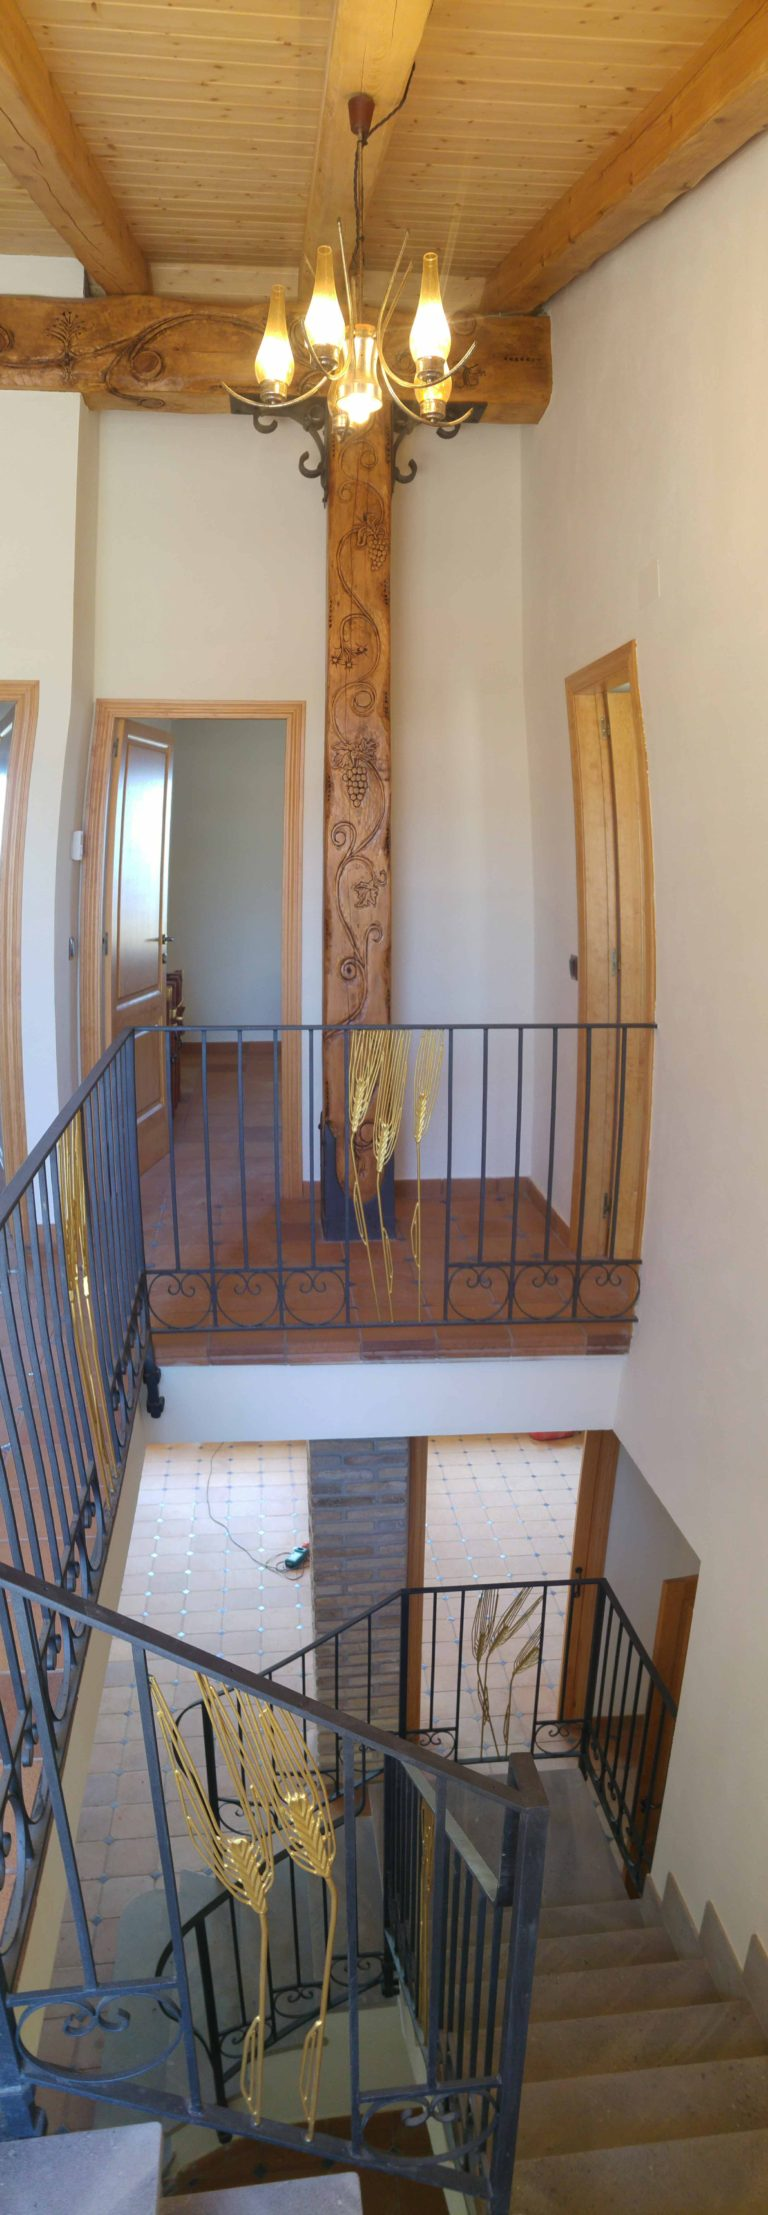 interior 6